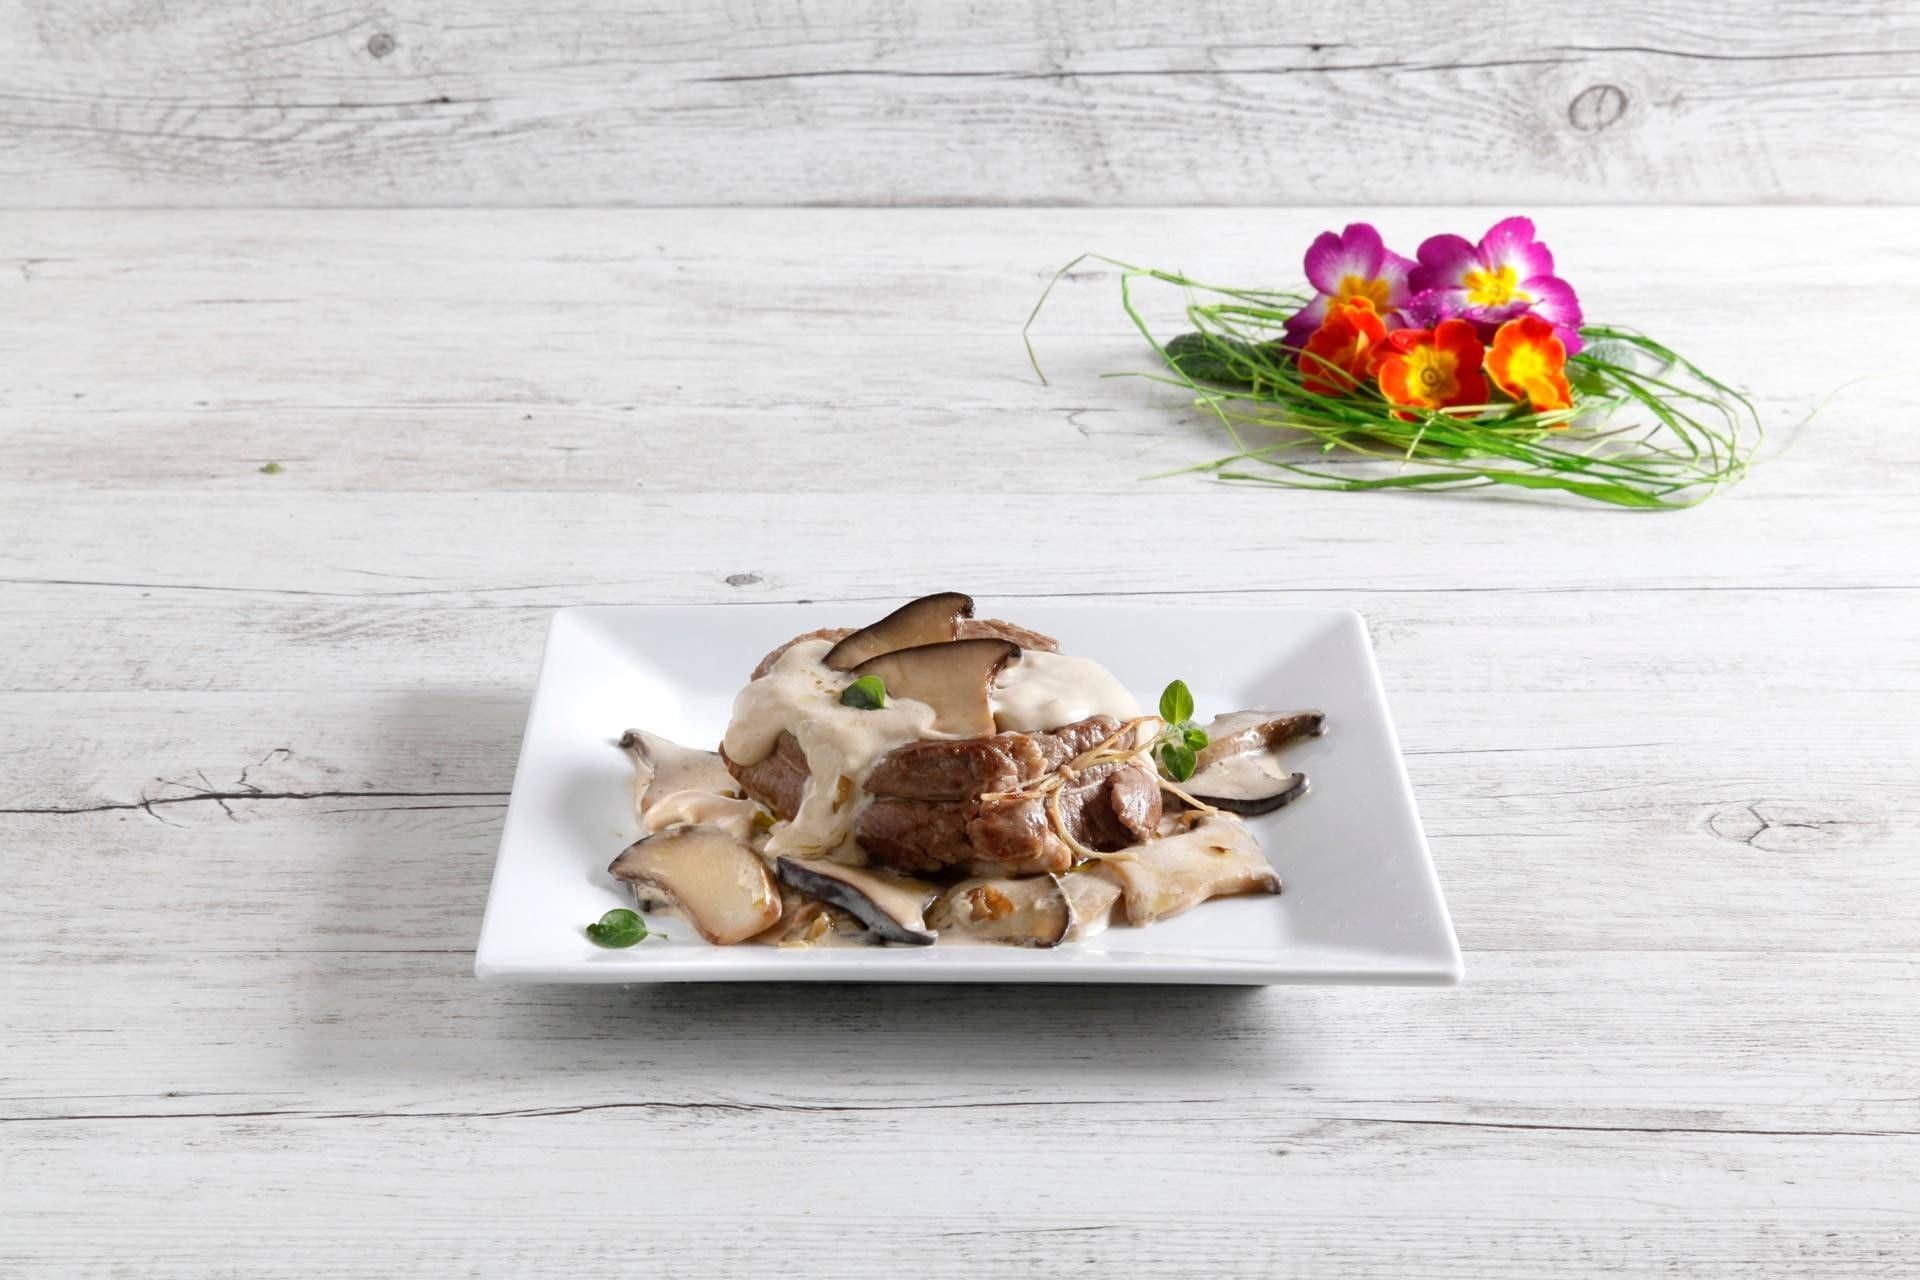 Filetto in crema di funghi con origano - Parmalat